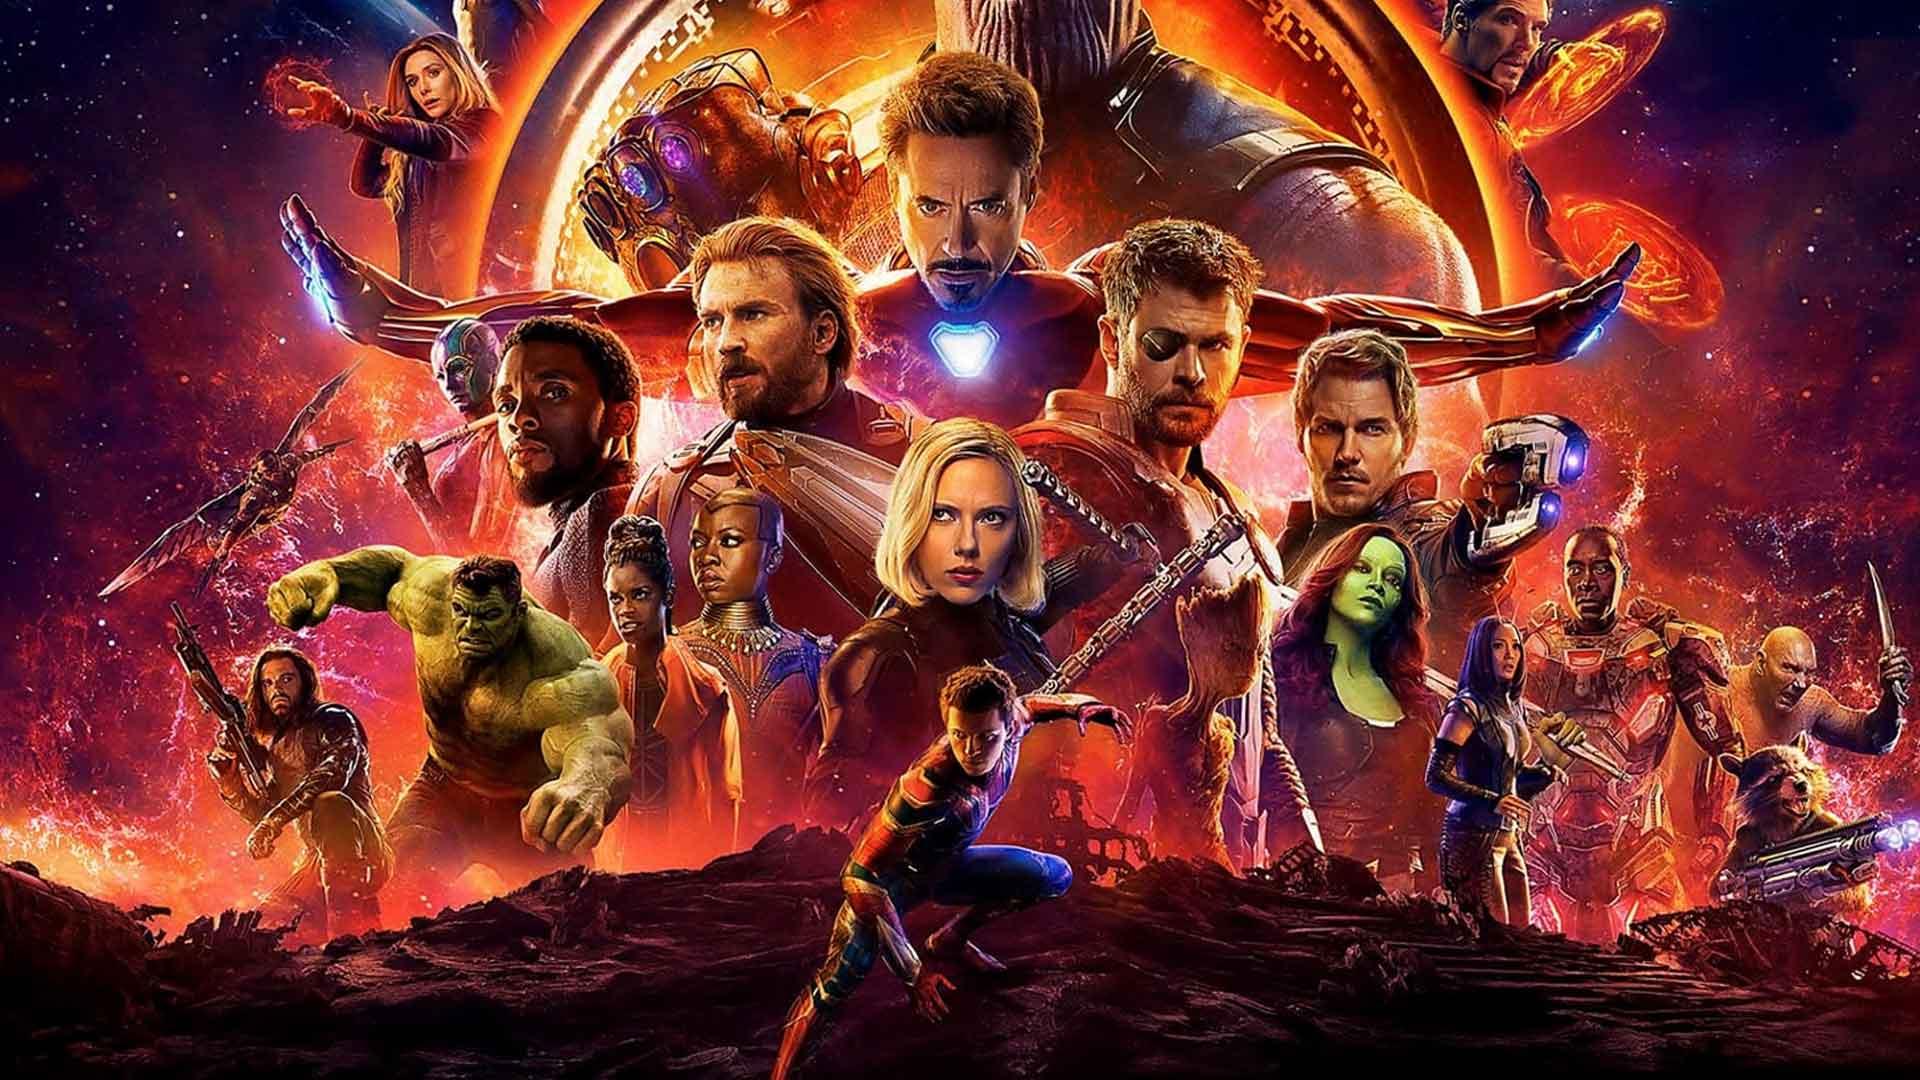 Quels Films Marvel Faut Il Absolument Voir Avant Avengers Endgame